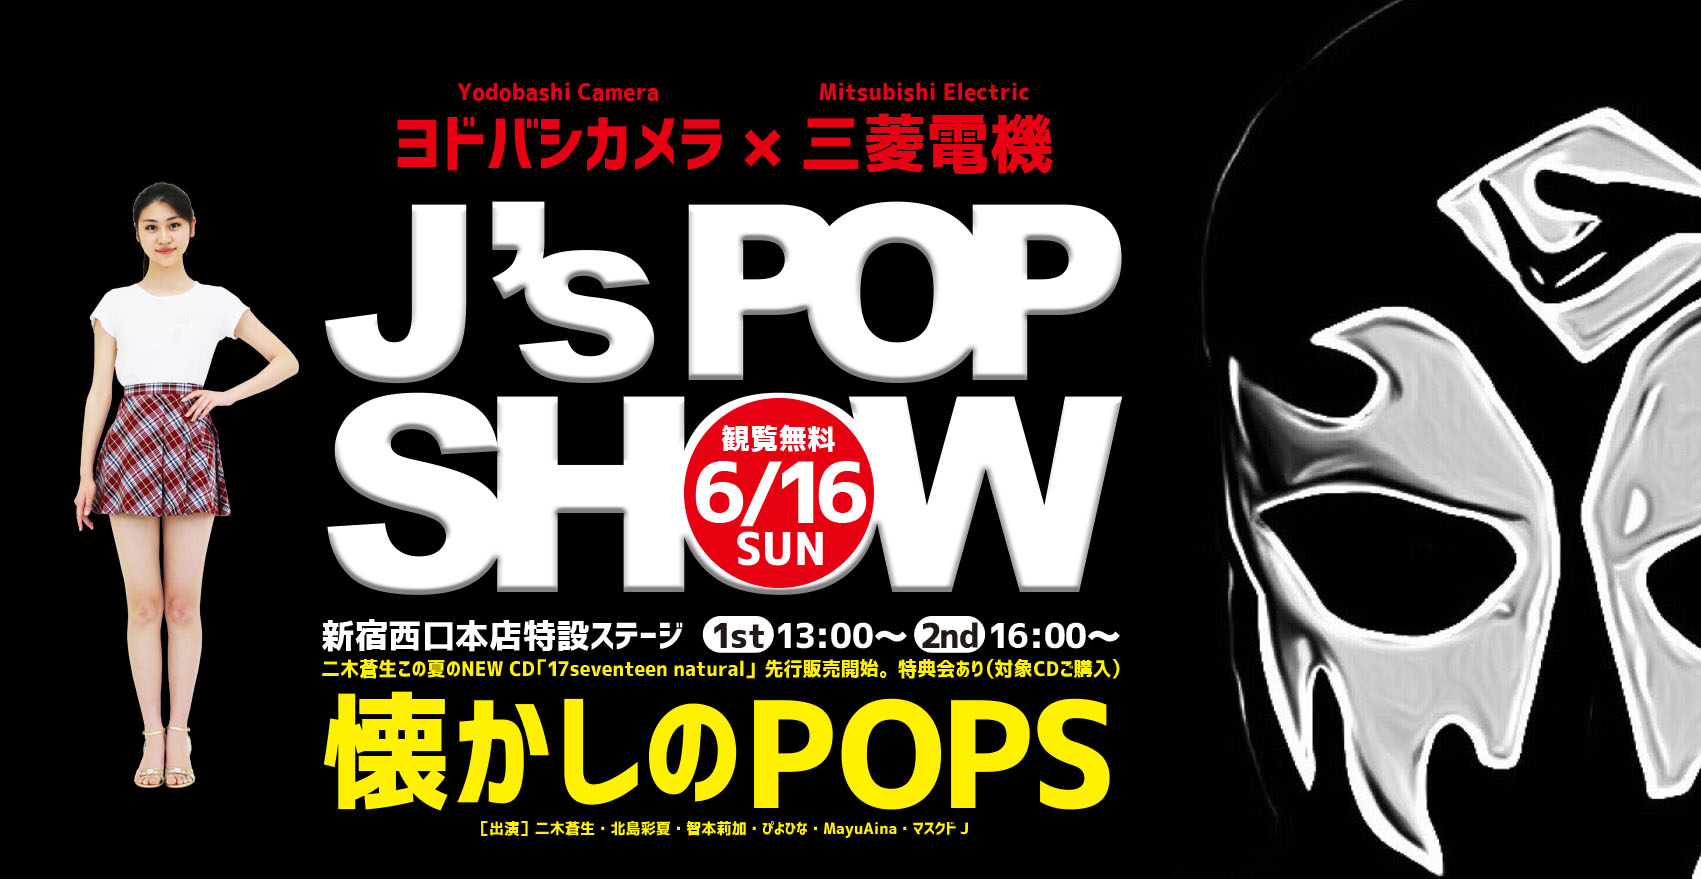 6/16(日)ヨドバシカメラ×三菱電機×J's POP SHOW